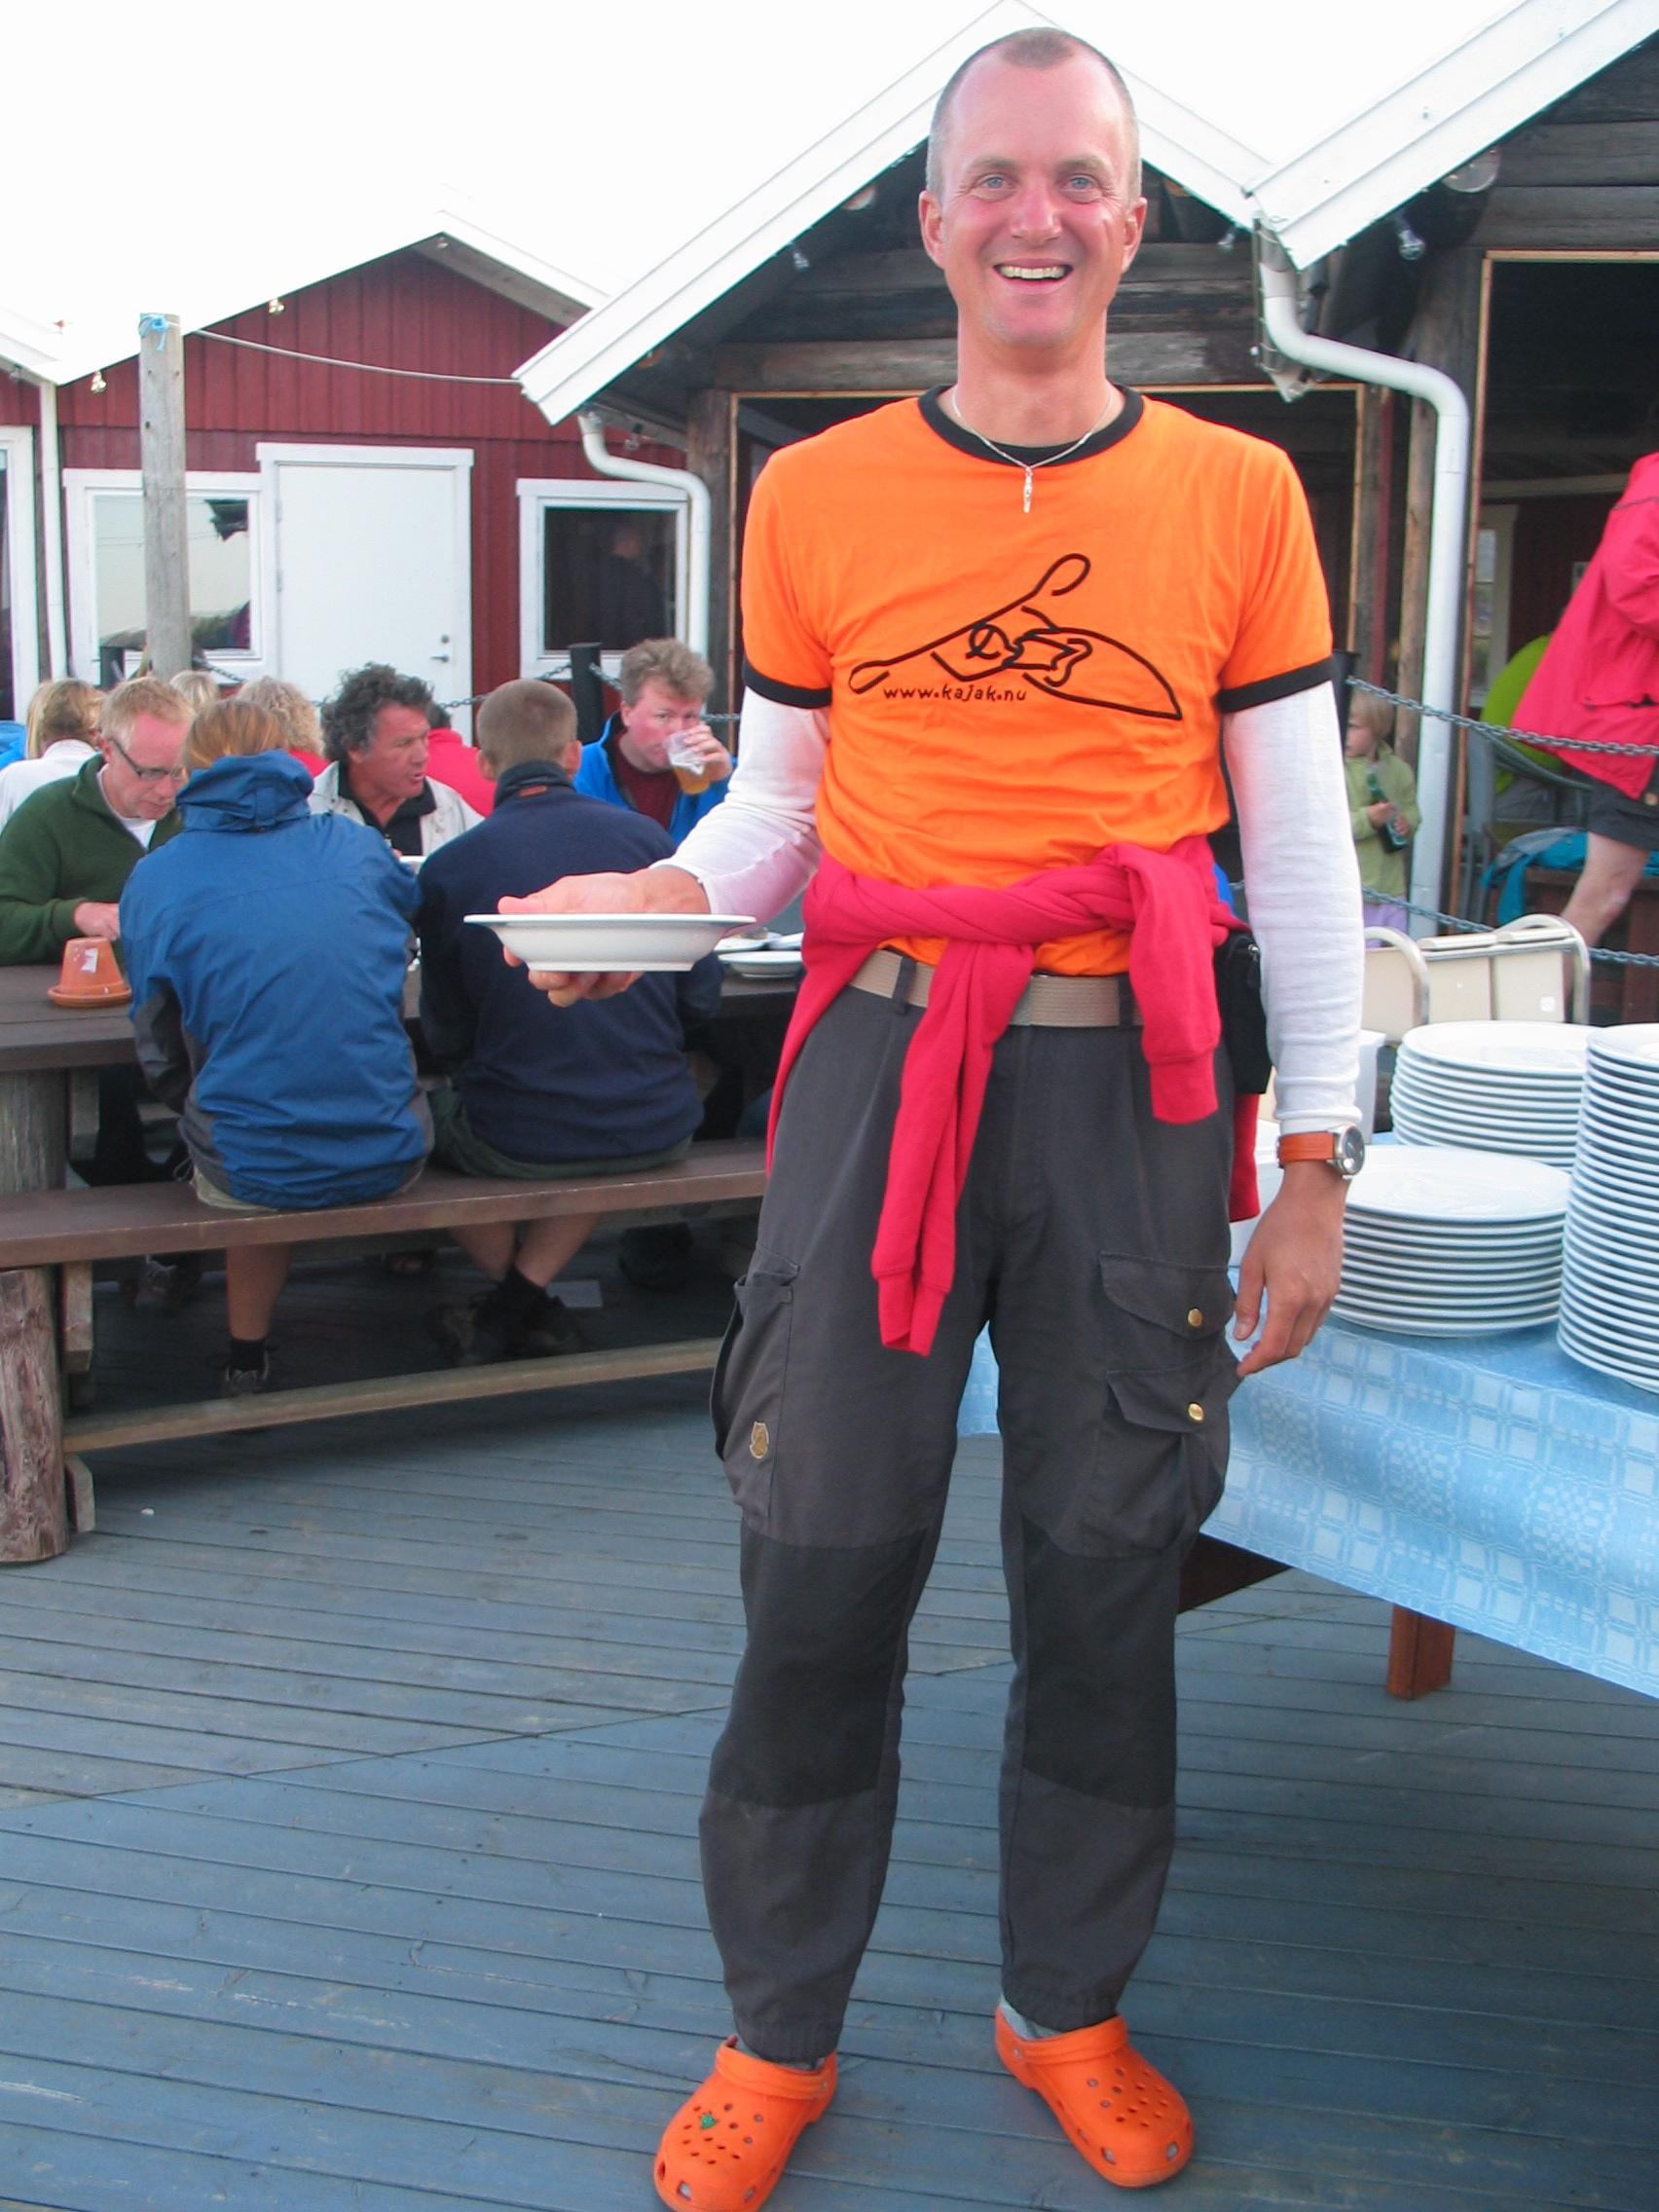 Erik Sjöstedt from Sweden